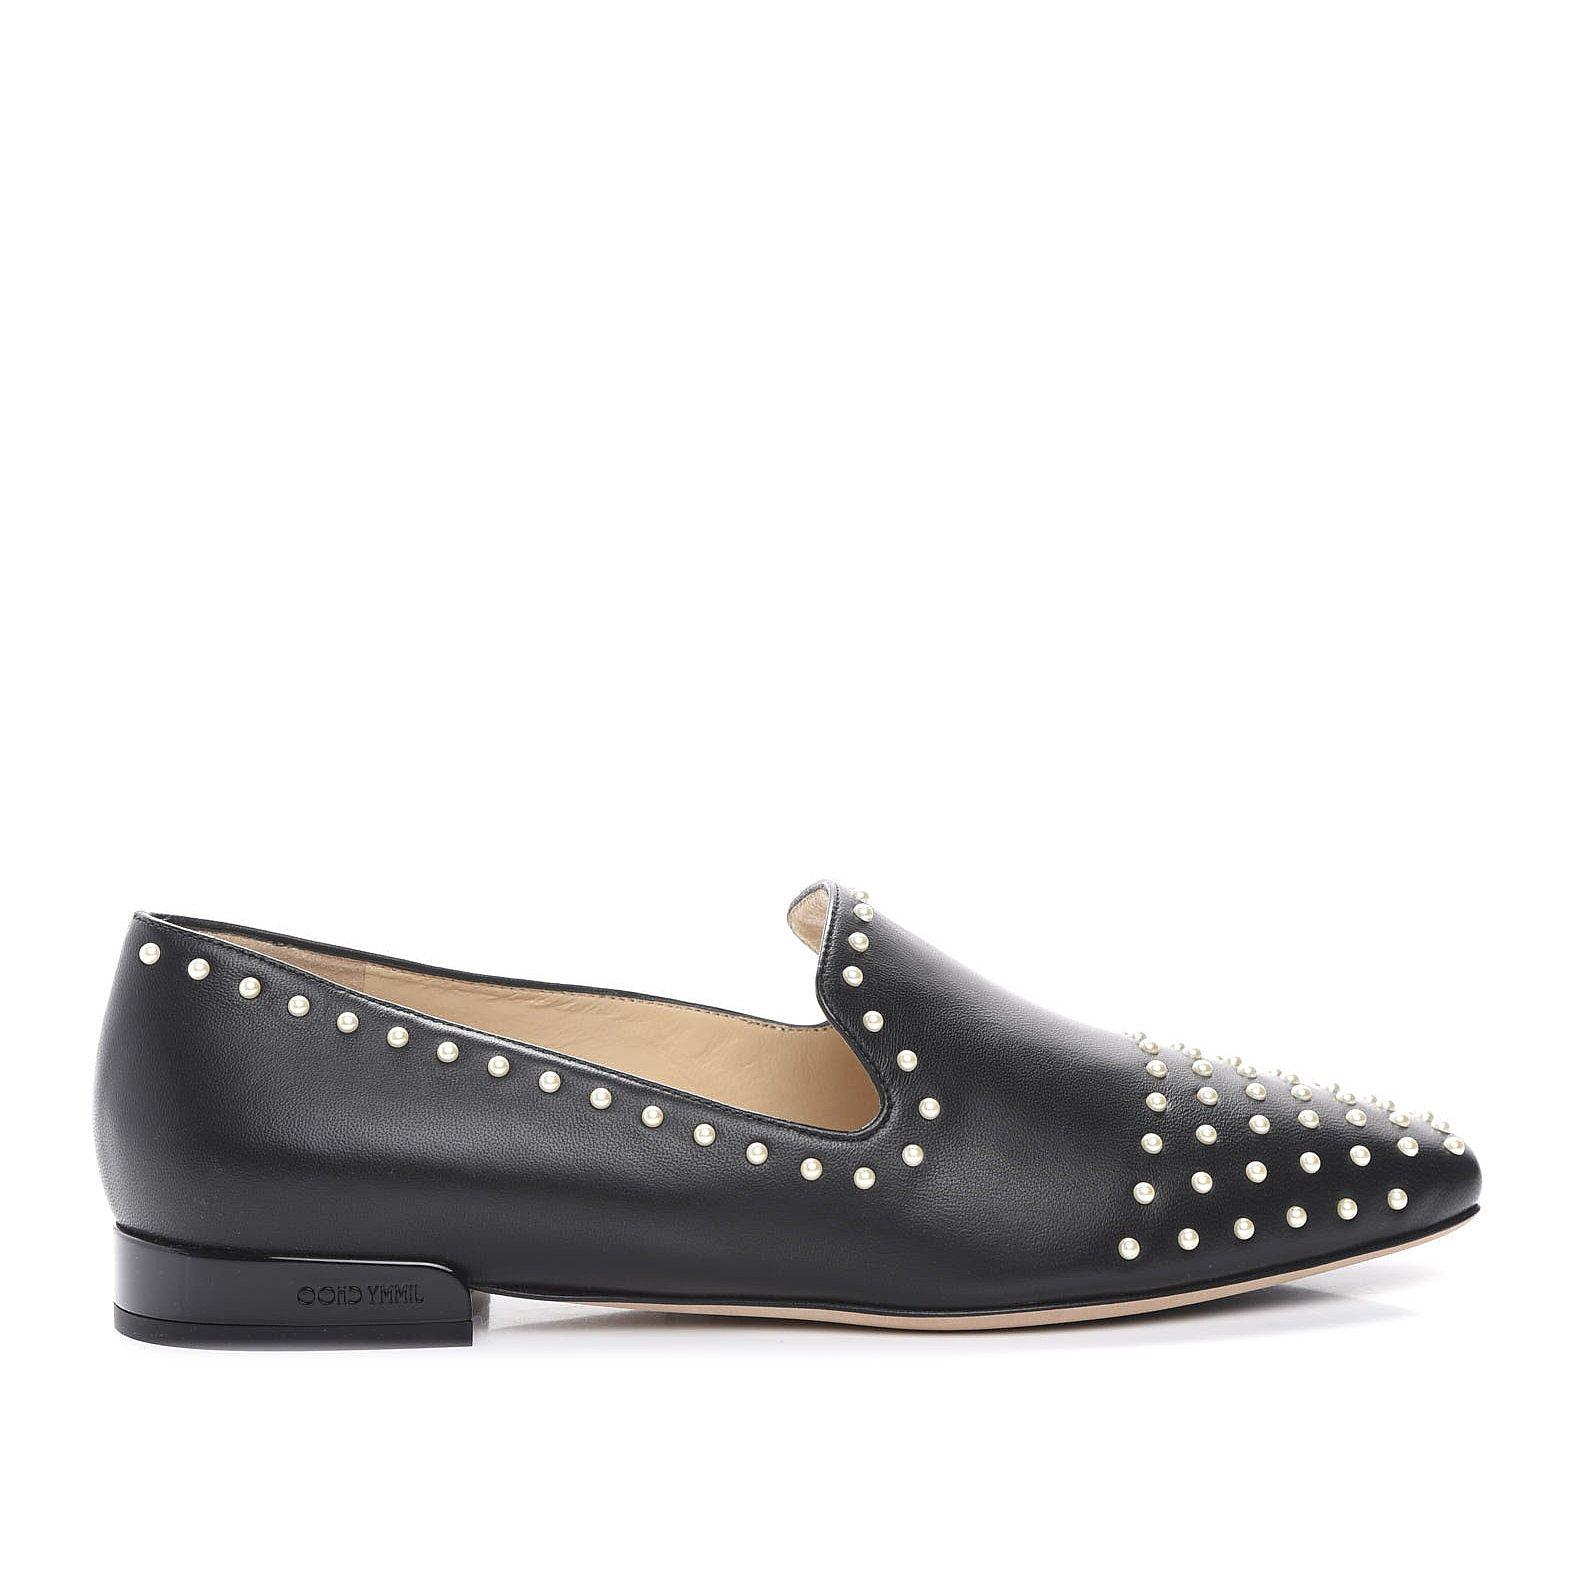 Jimmy Choo Jaida Flat Studded Loafers